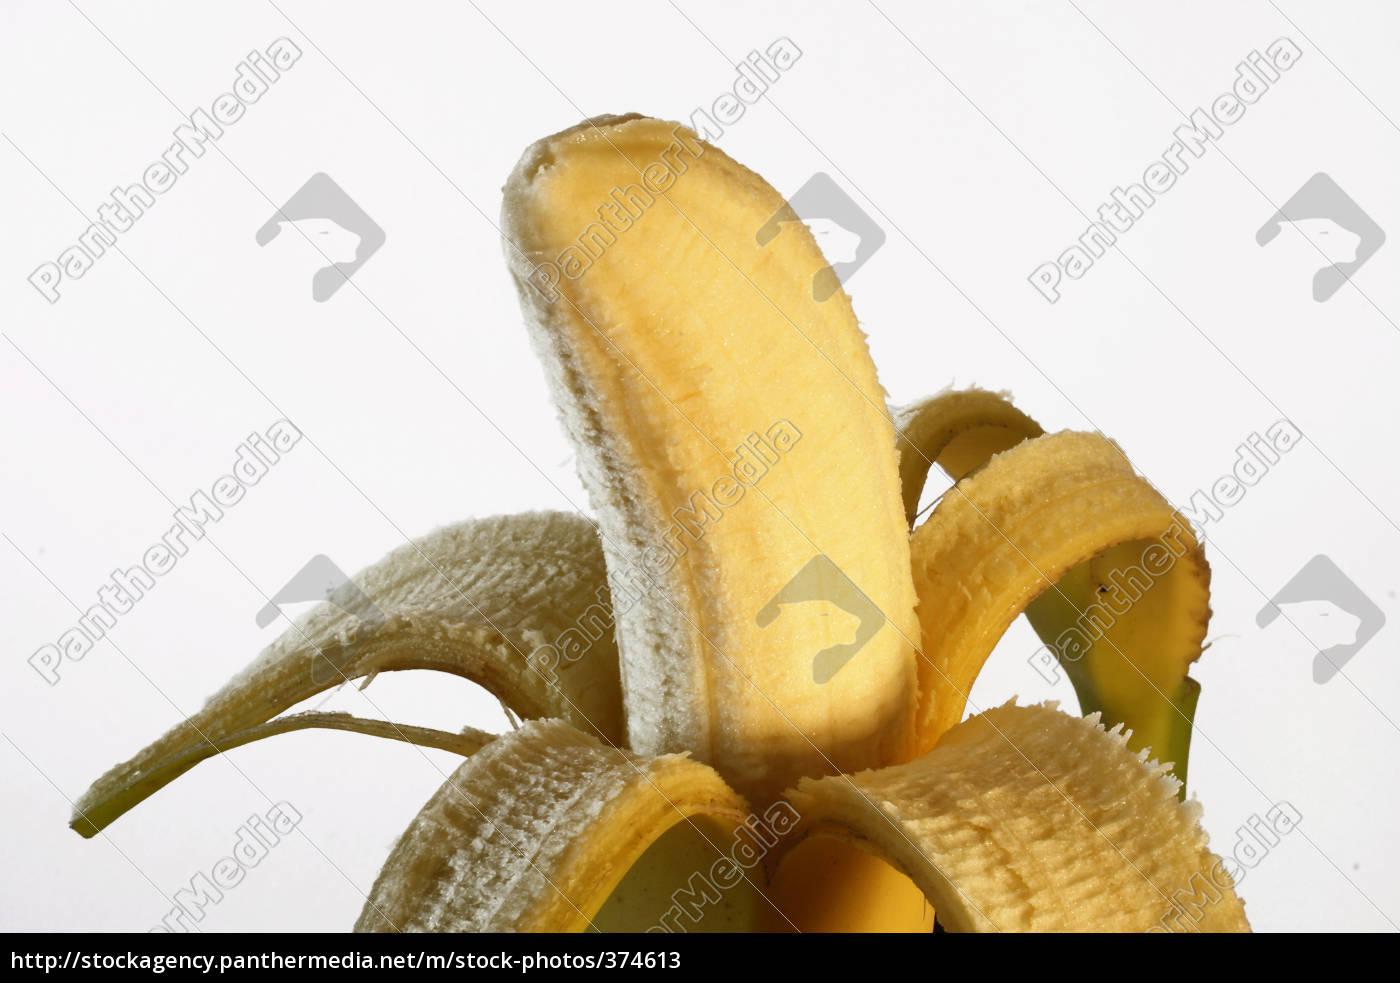 banana - 374613